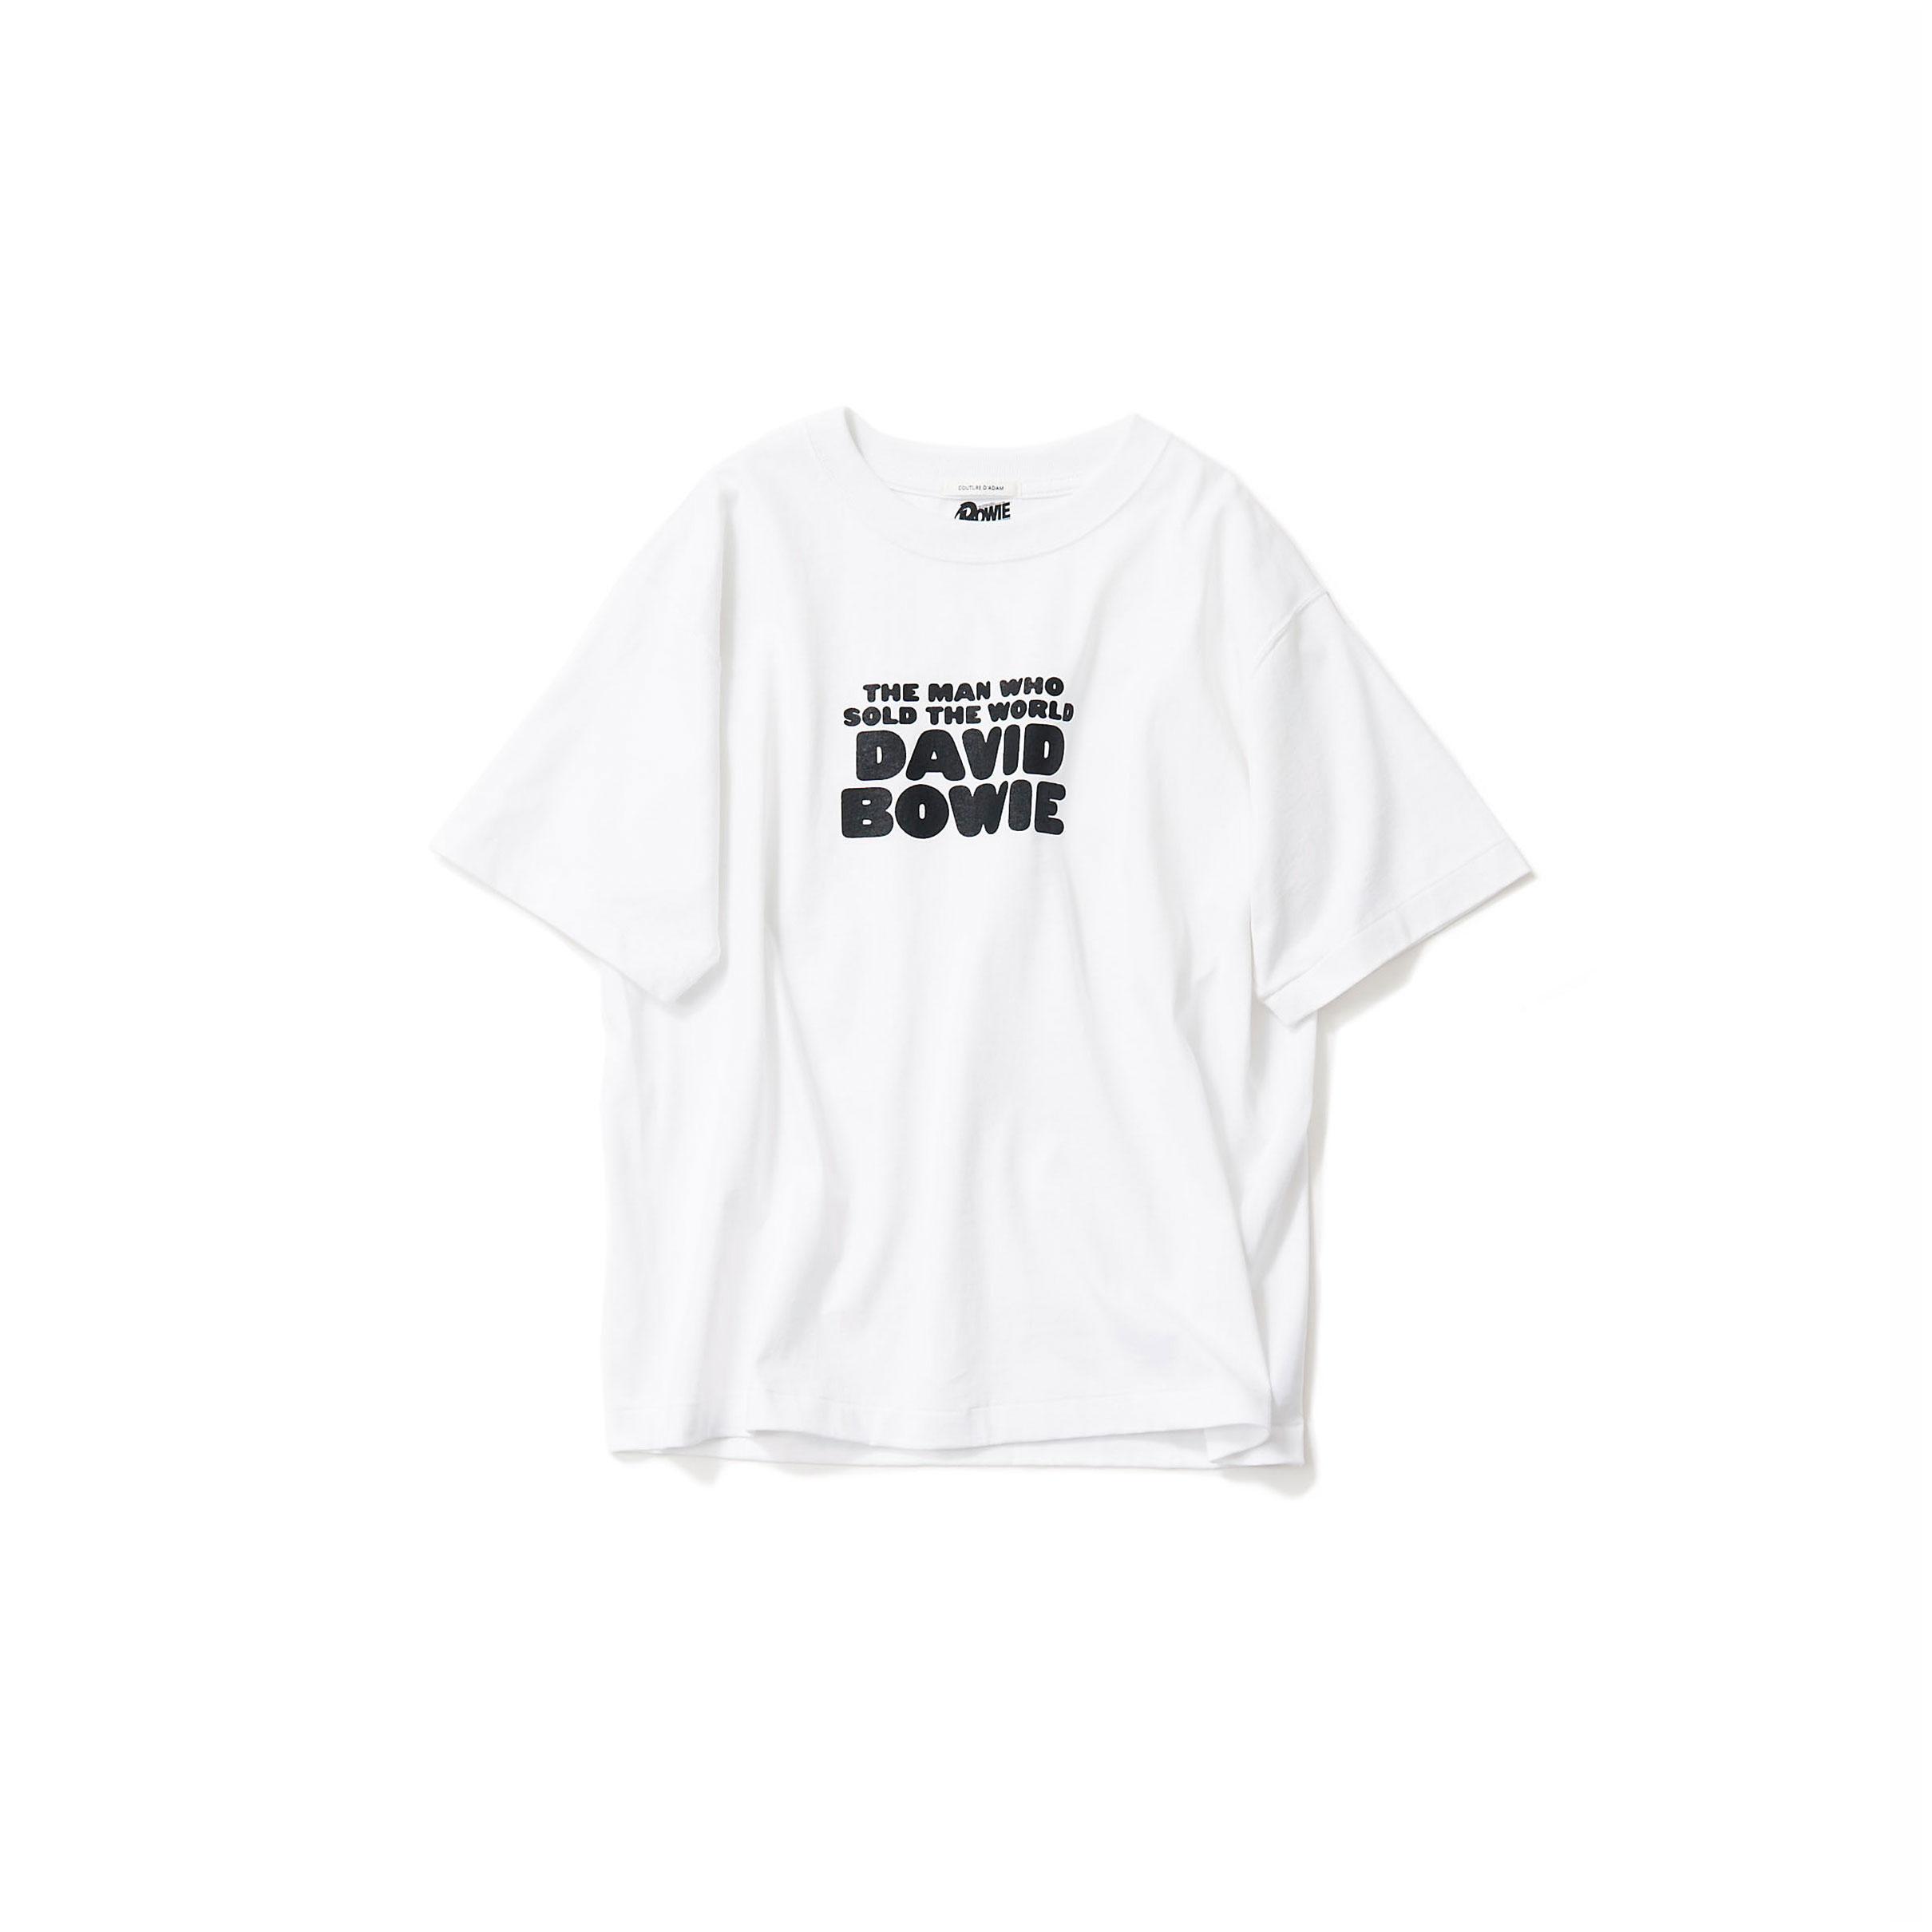 David Bowie Tシャツ・white